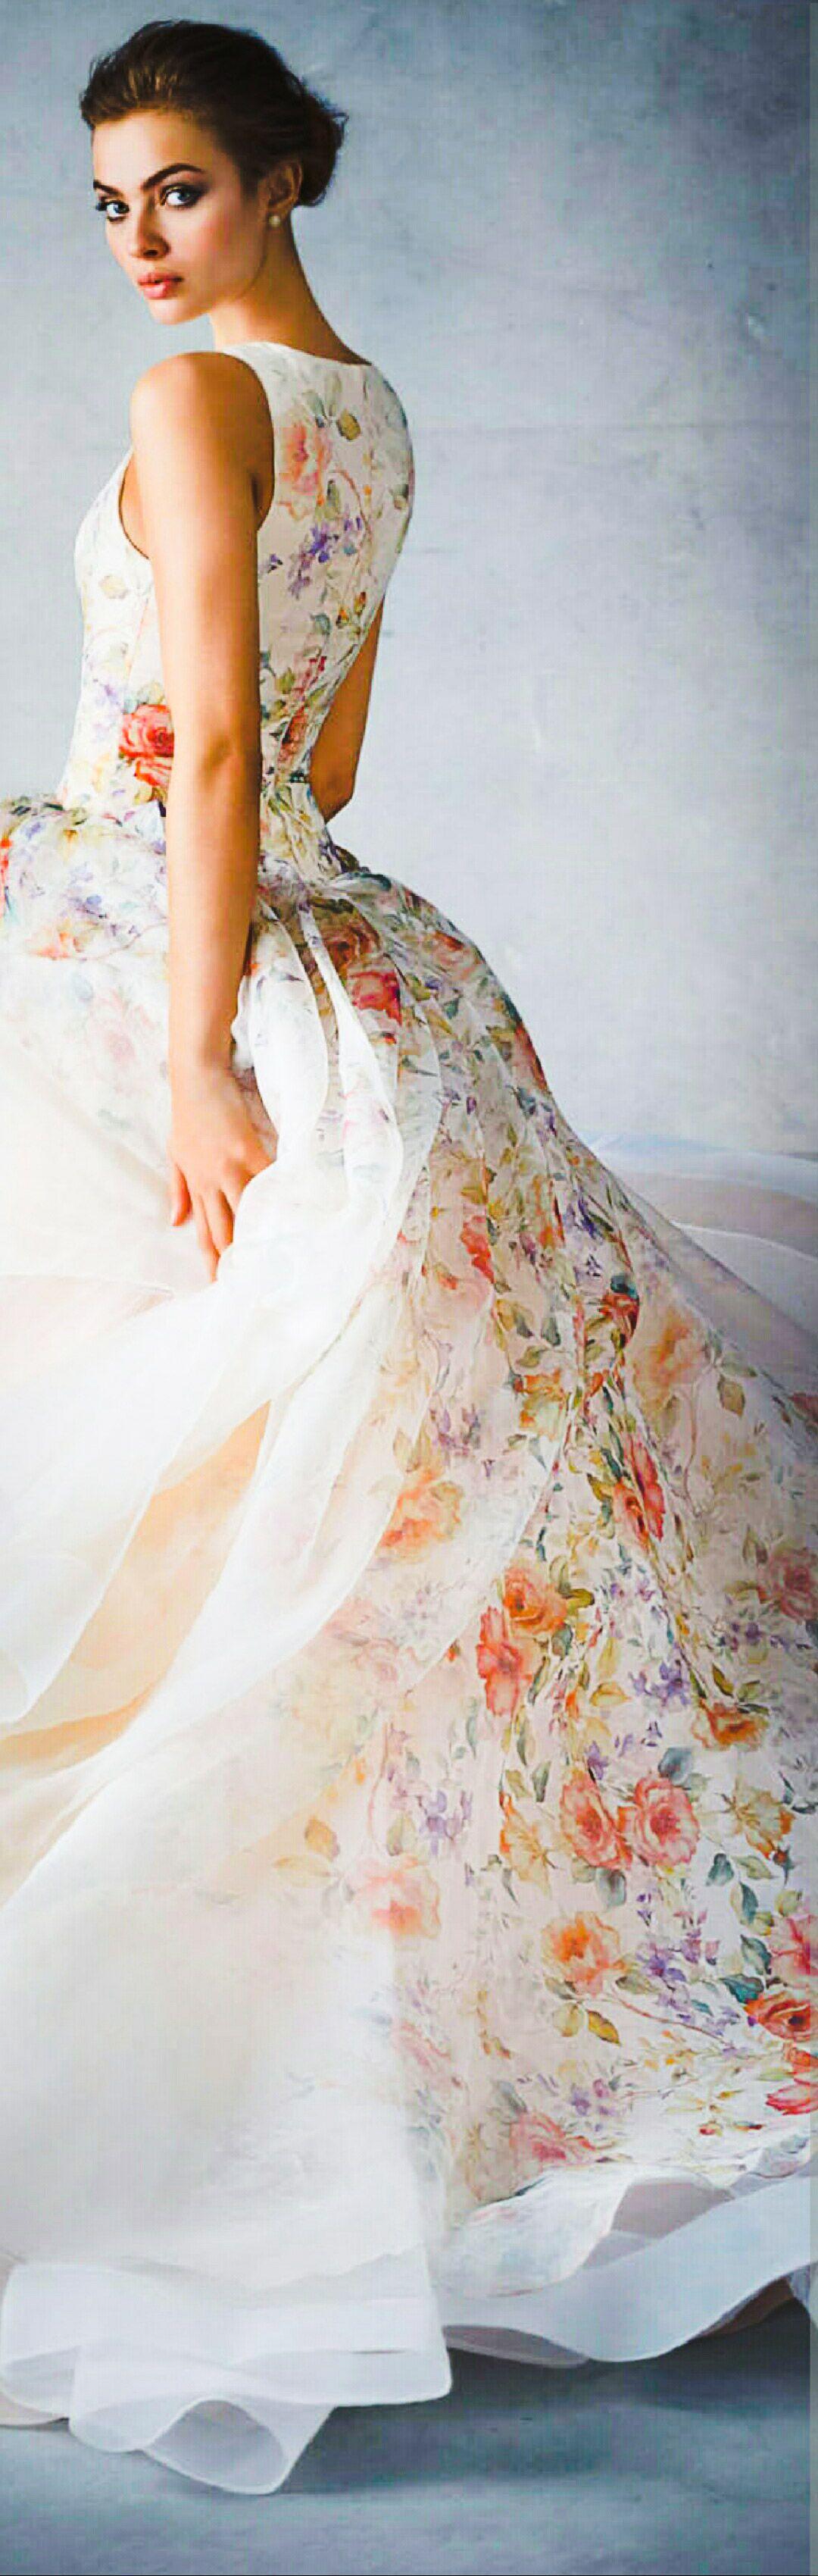 Floral print wedding dresses  Nimrodt Wolfenstein lazaro   Simple flora  Pinterest  Gowns